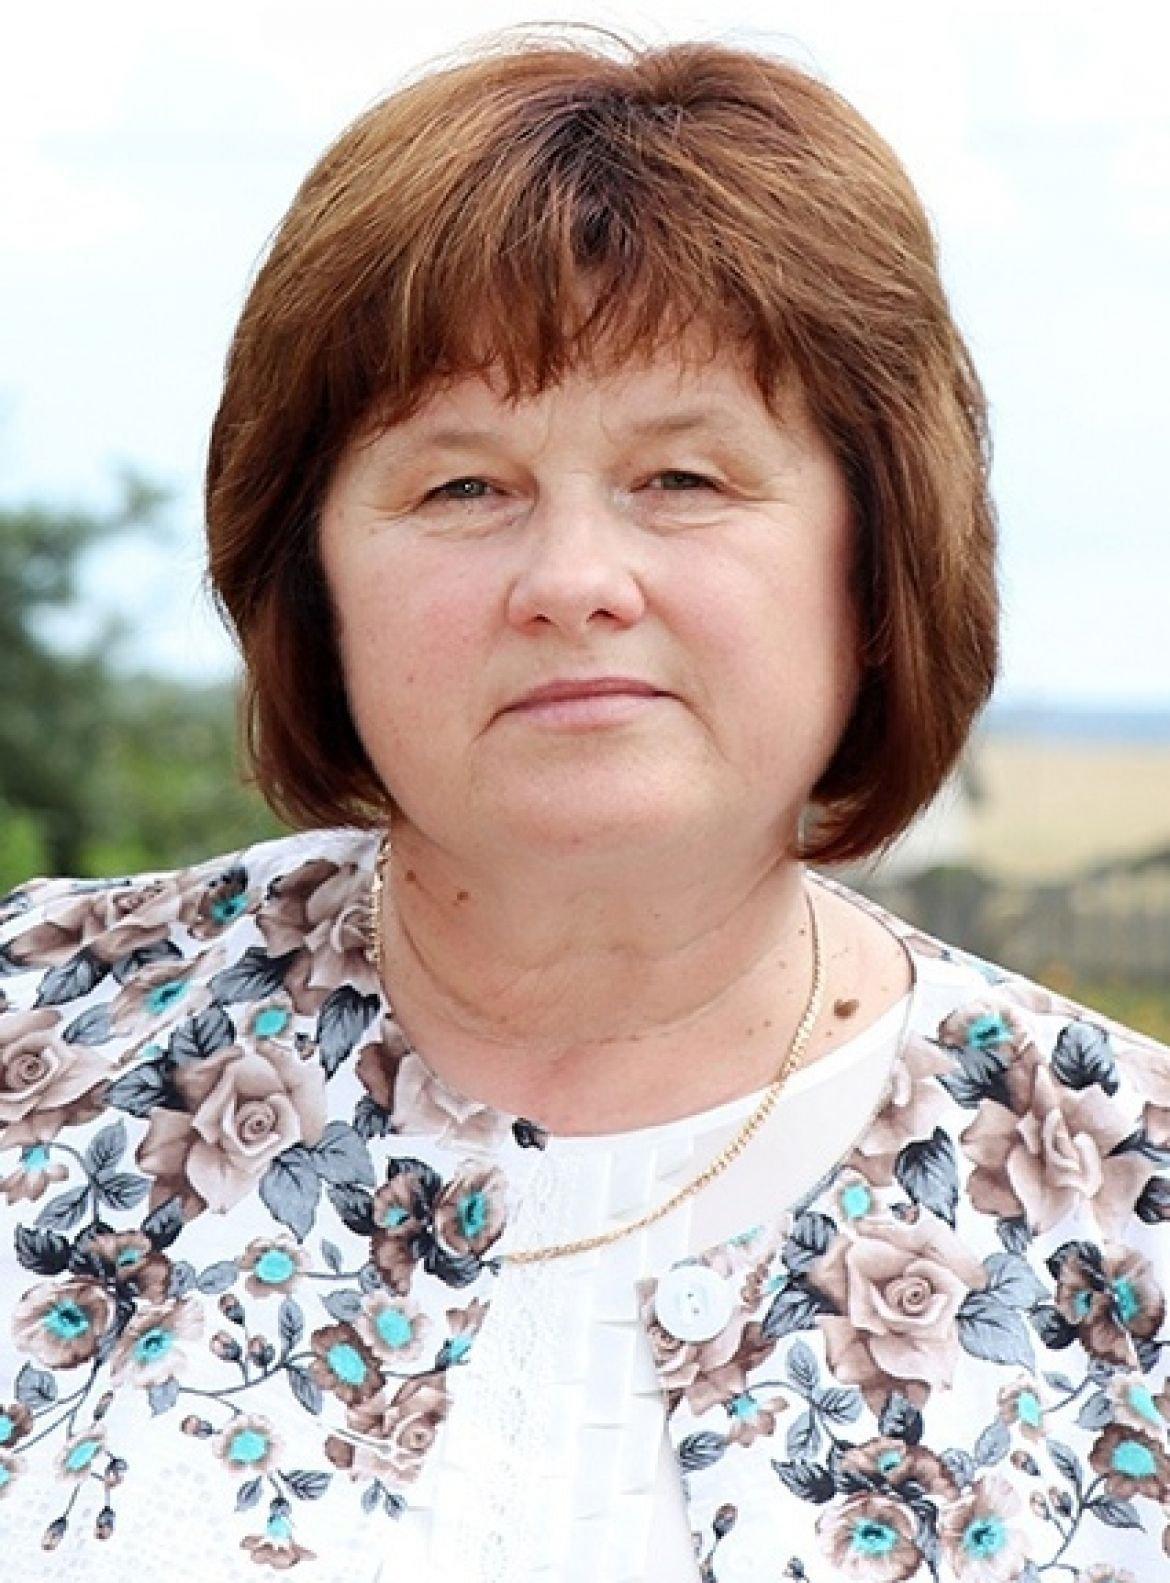 """Большой резонанс """"Большого разговора"""". """"Вряд ли кто-то сможет лучше Президента защищать наши национальные интересы, единство белорусского народа"""" - Янина Бузар"""